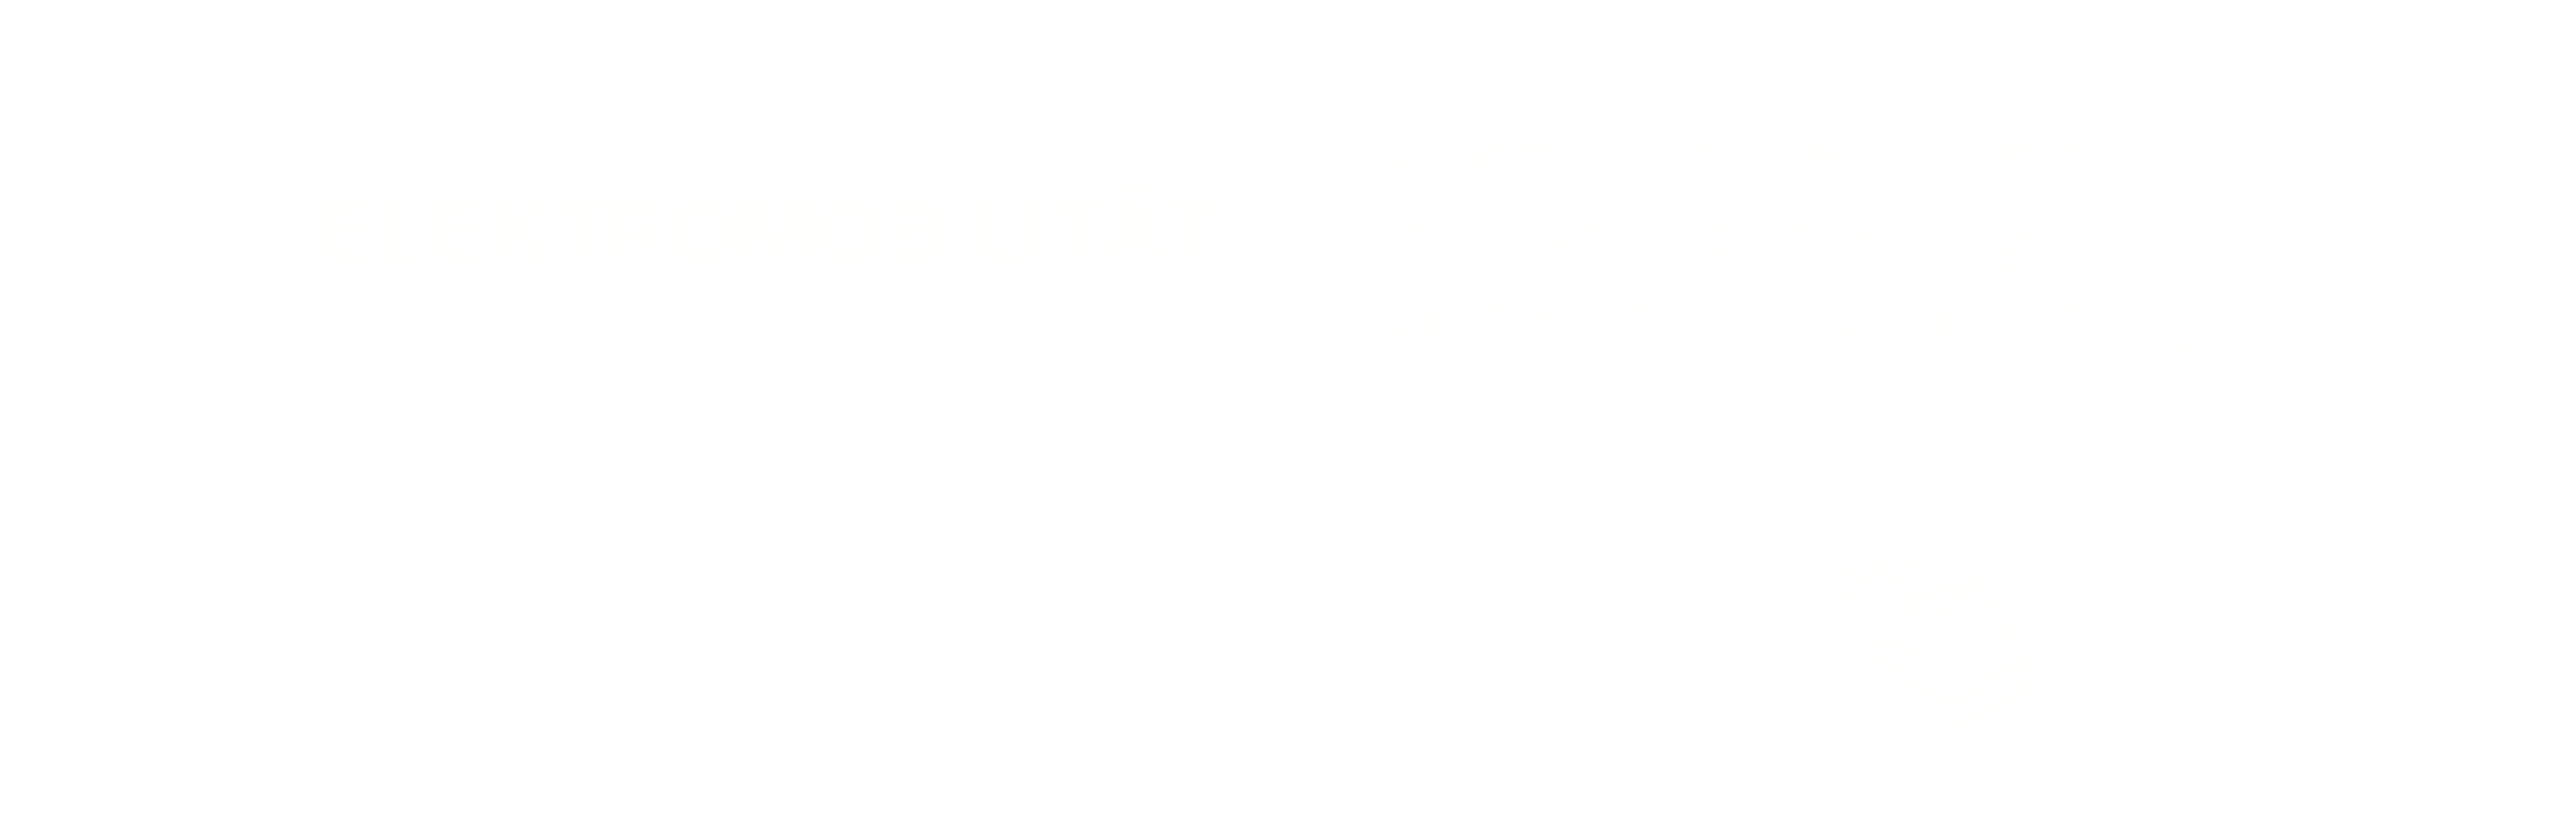 Text_Elektromobilitaet